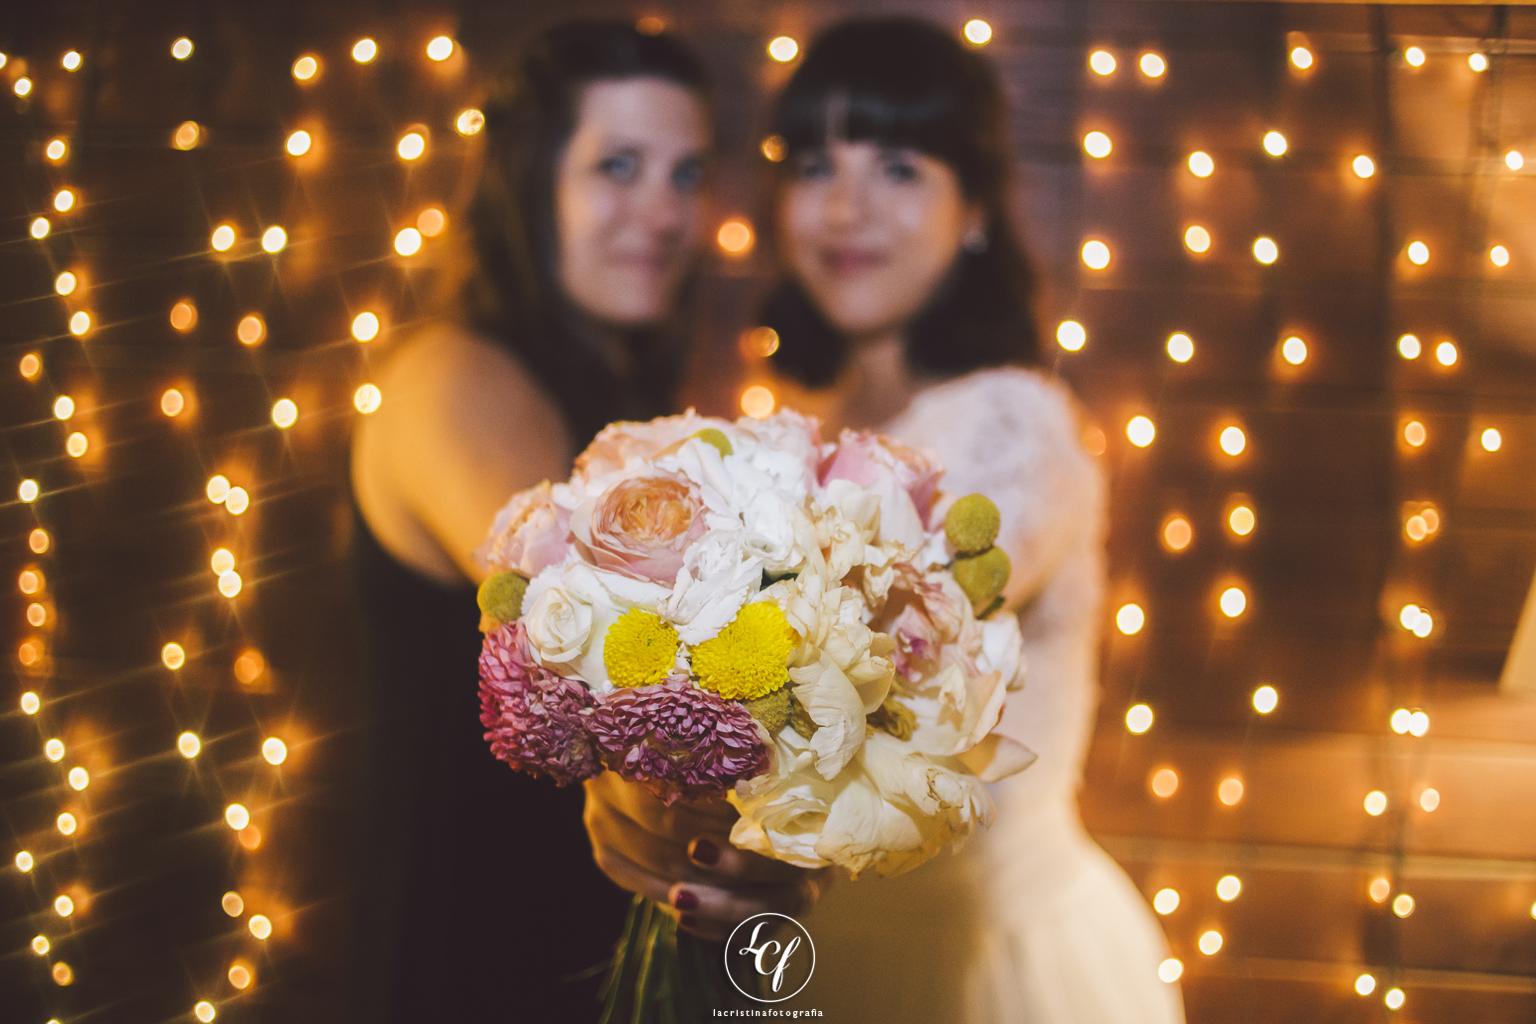 fotógrafo de boda sant cugat :: mercantic :: el siglo :: fotógrafo sant cugat :: fotografía de boda en sant cugat :: boda vintage :: boda en el mercantic